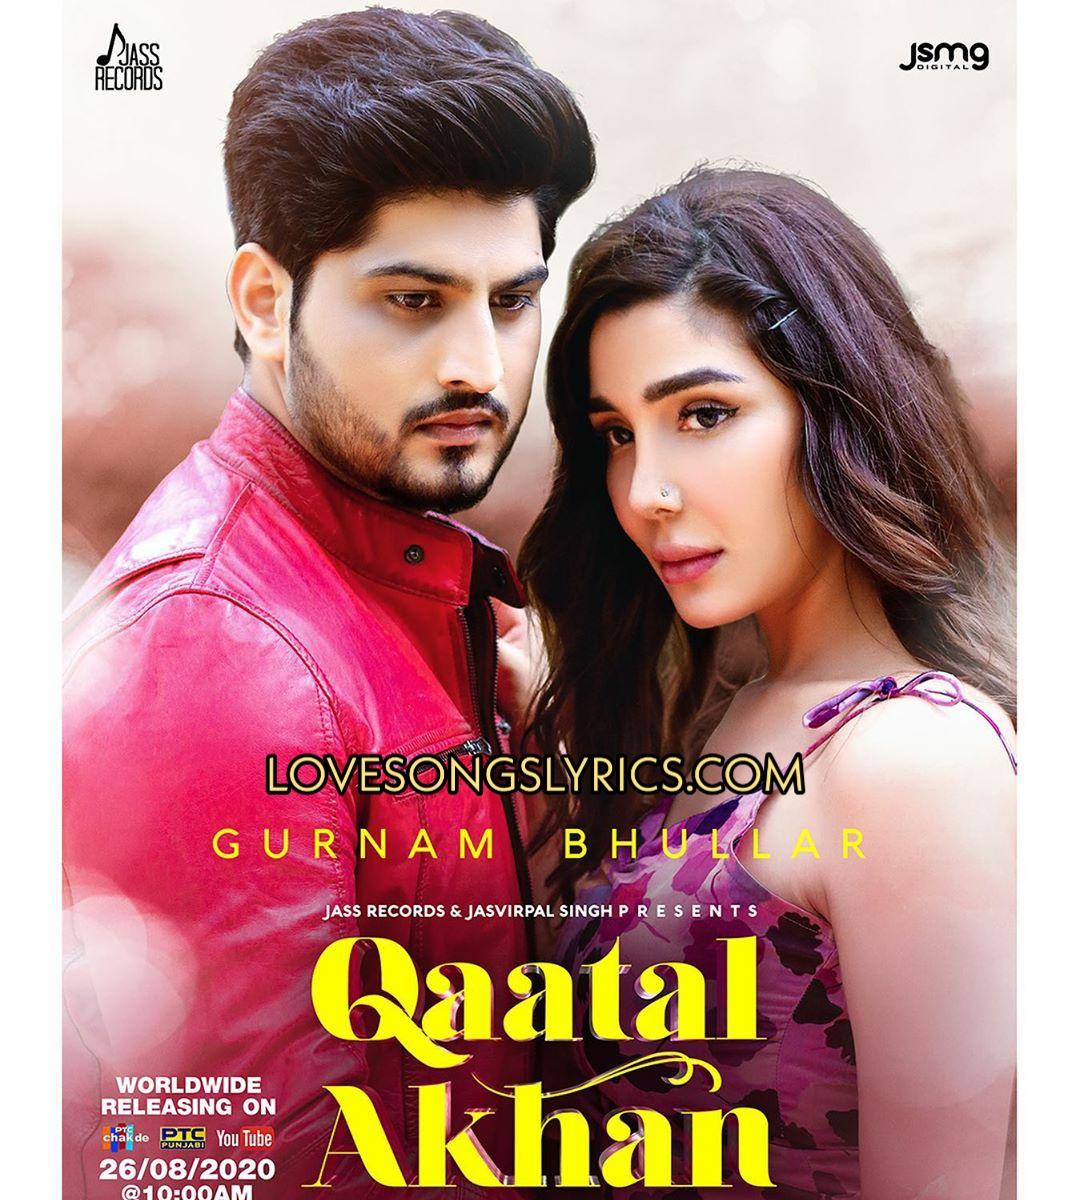 Qaatal Akhan Lyrics In Hindi